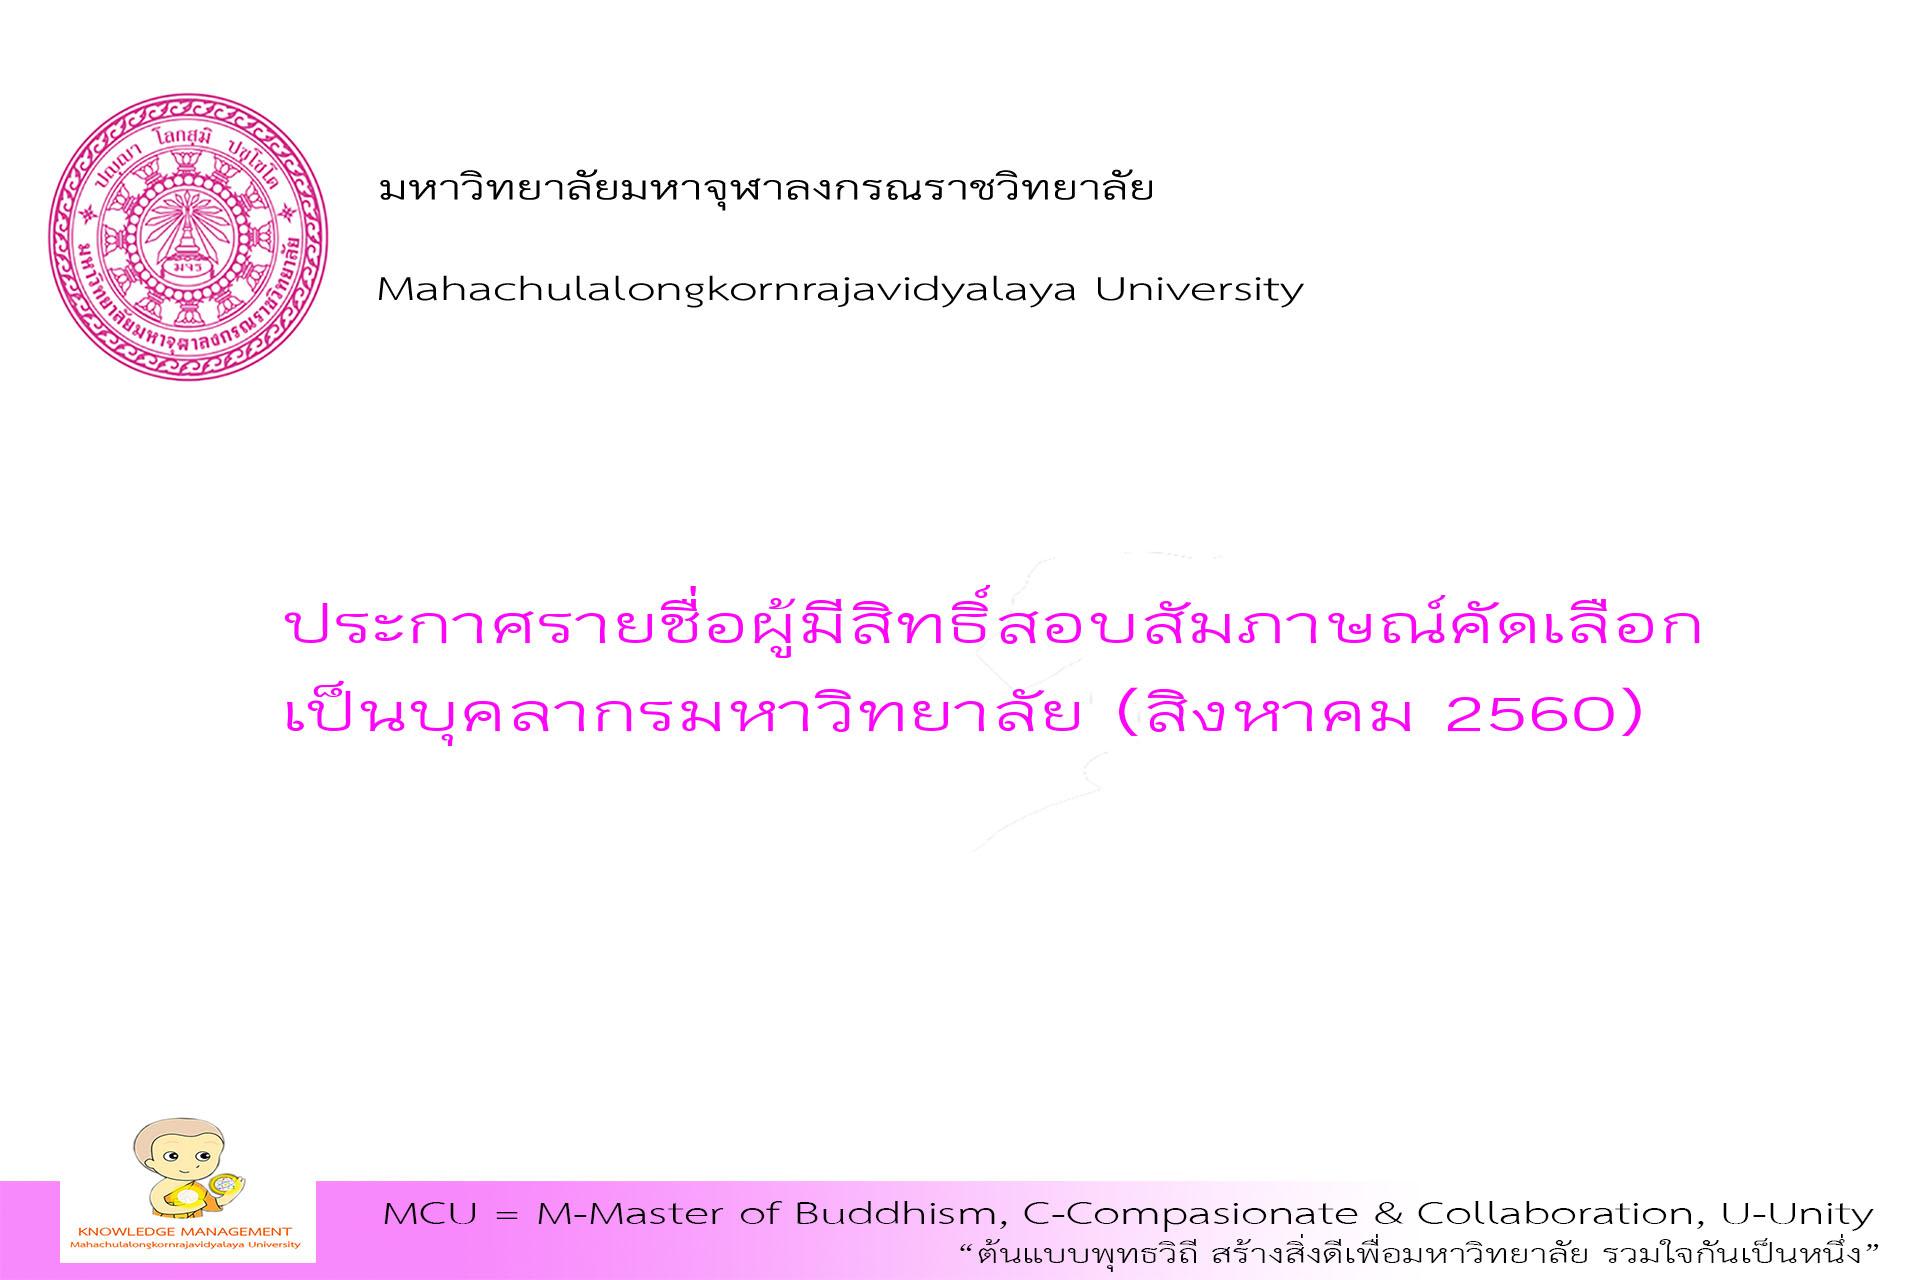 ประกาศรายชื่อผู้มีสิทธิ์สอบสัมภาษณ์คัดเลือกเป็นบุคลากรมหาวิทยาลัย (สิงหาคม 2560)